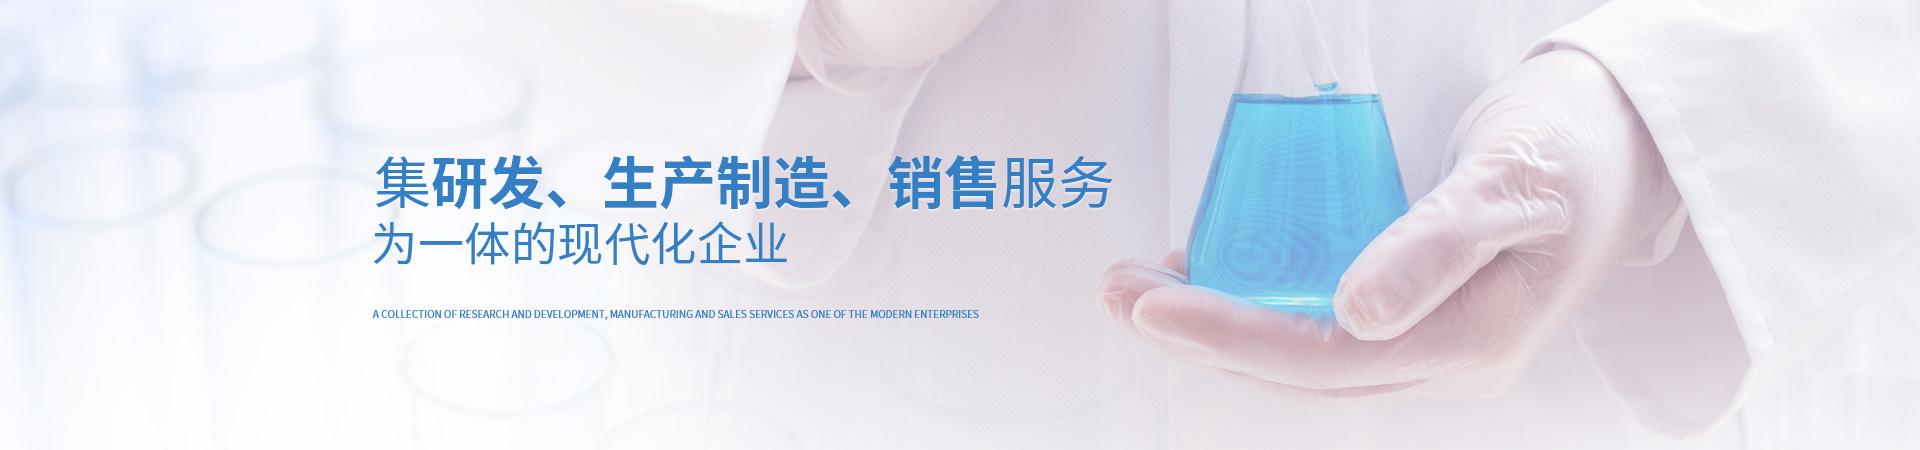 宁波光富医药科技有限公司